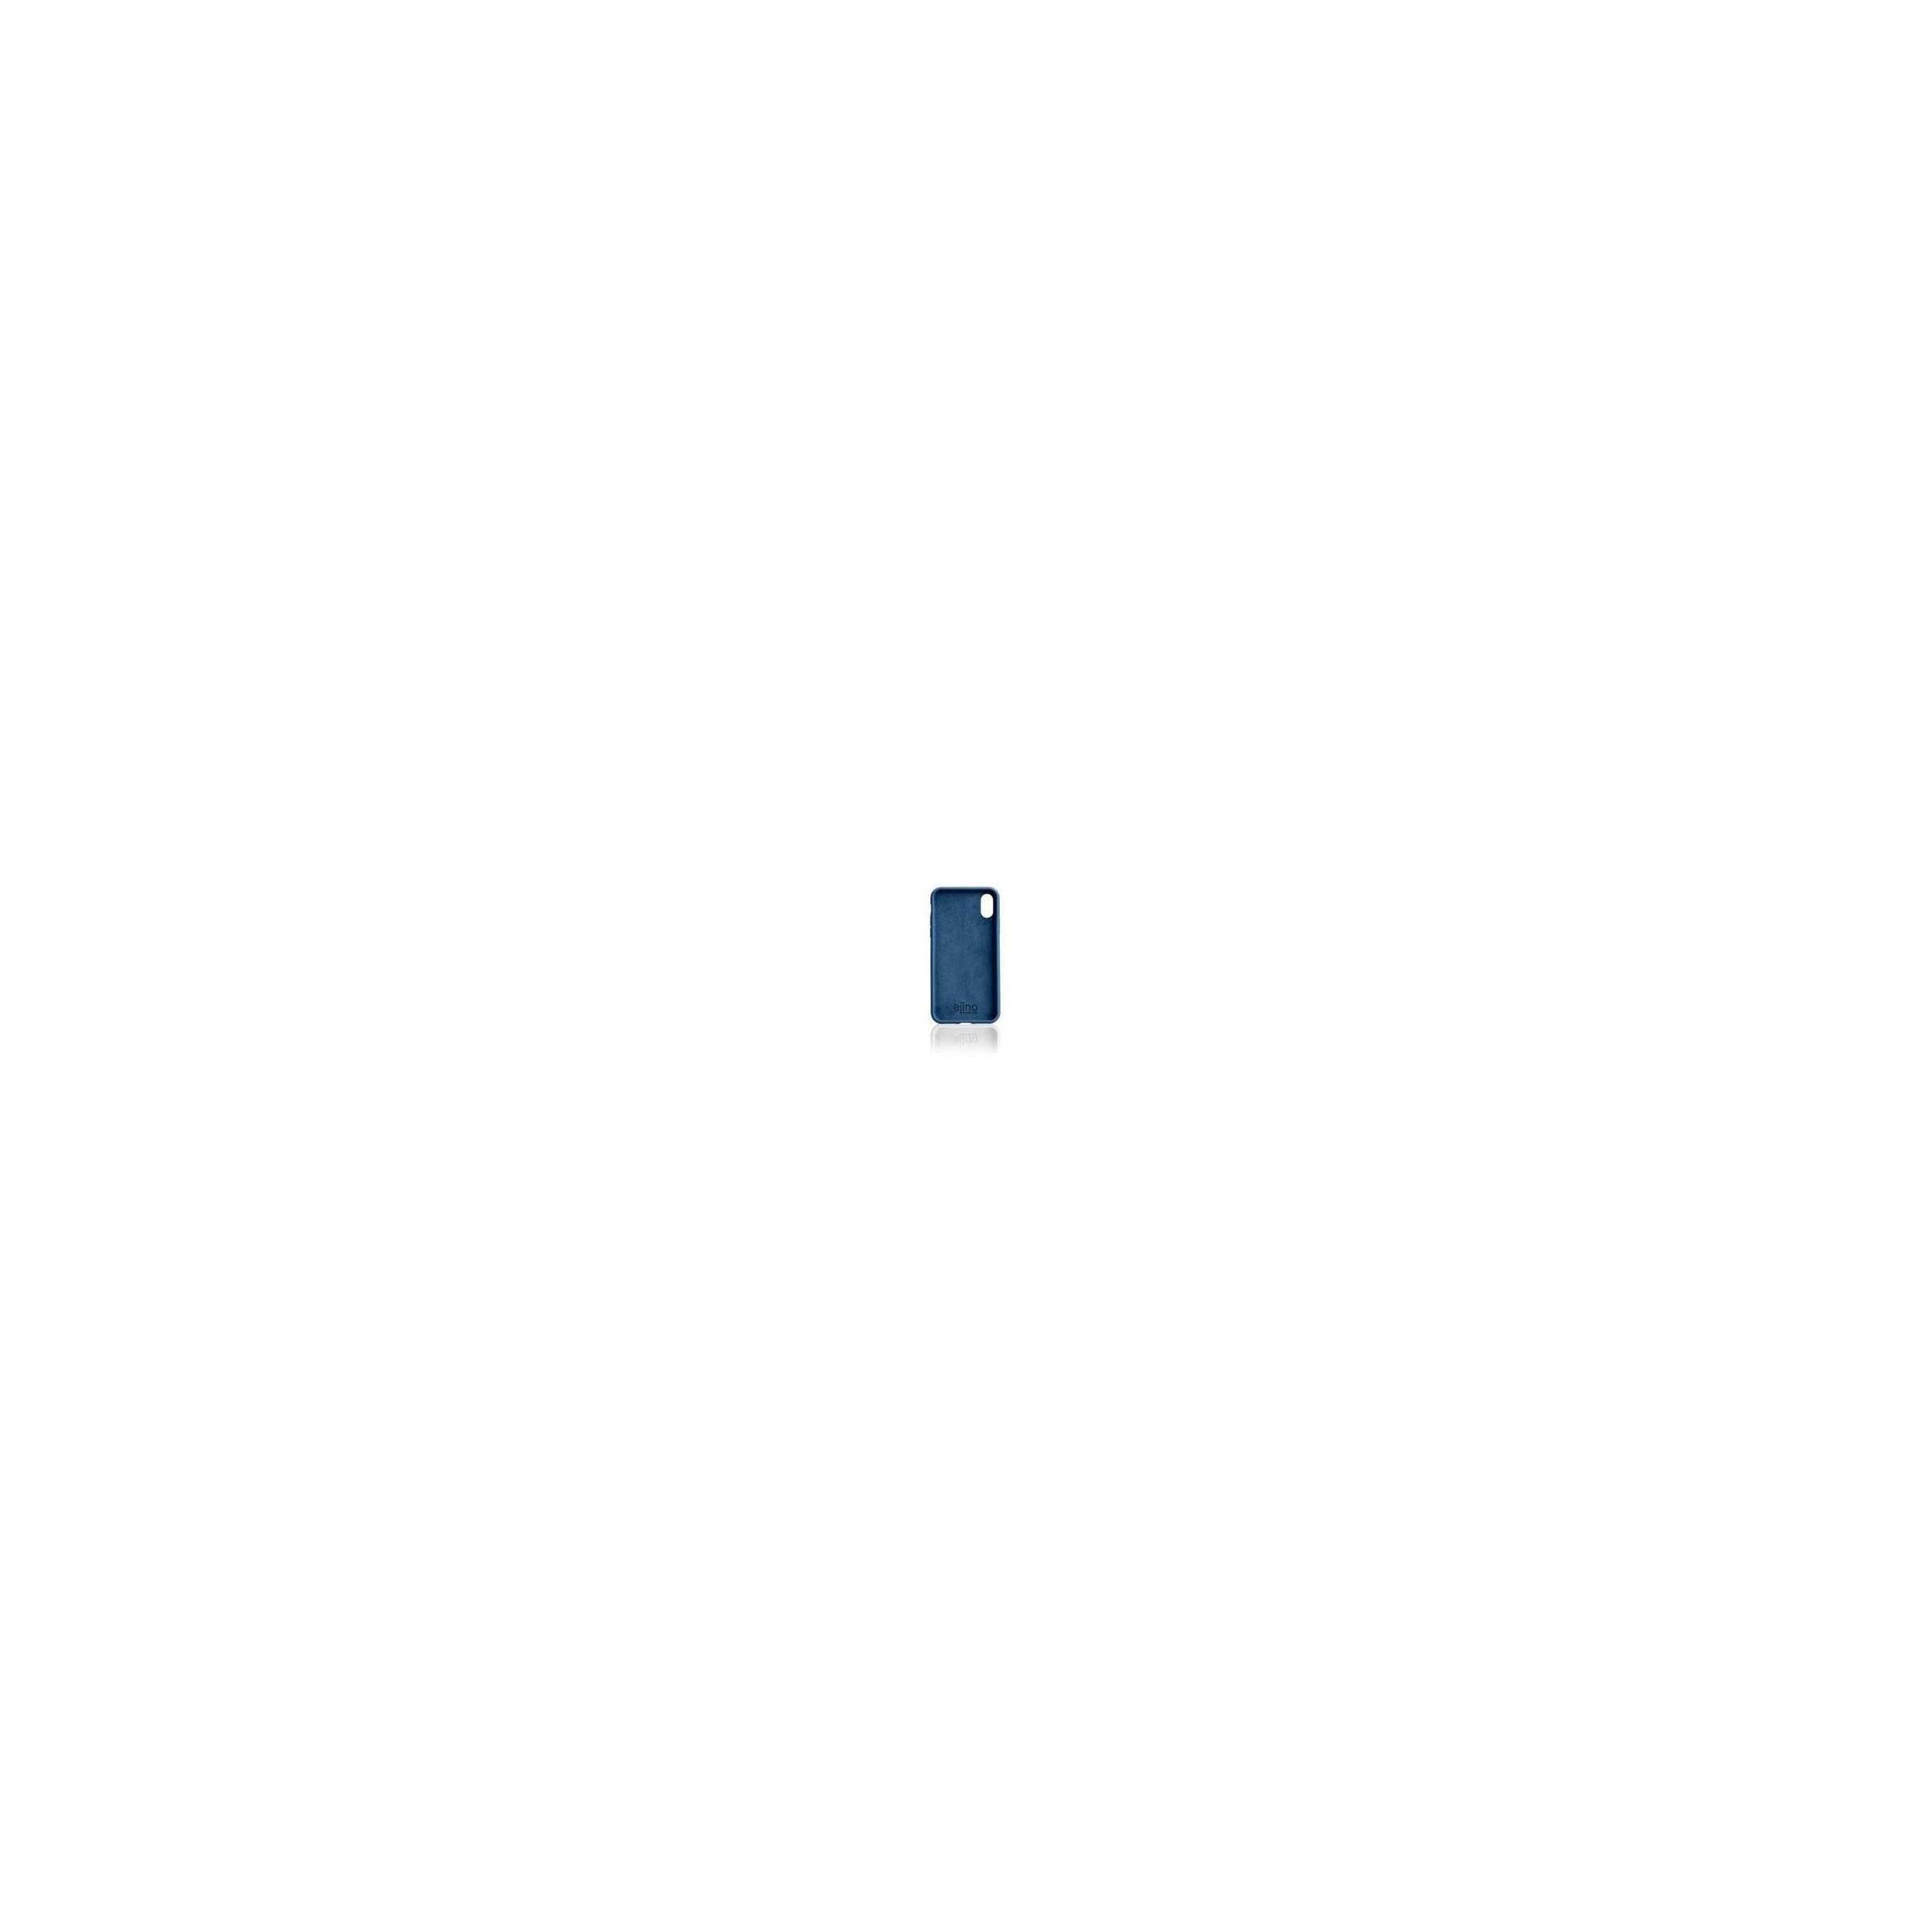 Bilde av Aiino Strongly Premium Cover Til Iphone Xr, Farve Mørke Blå